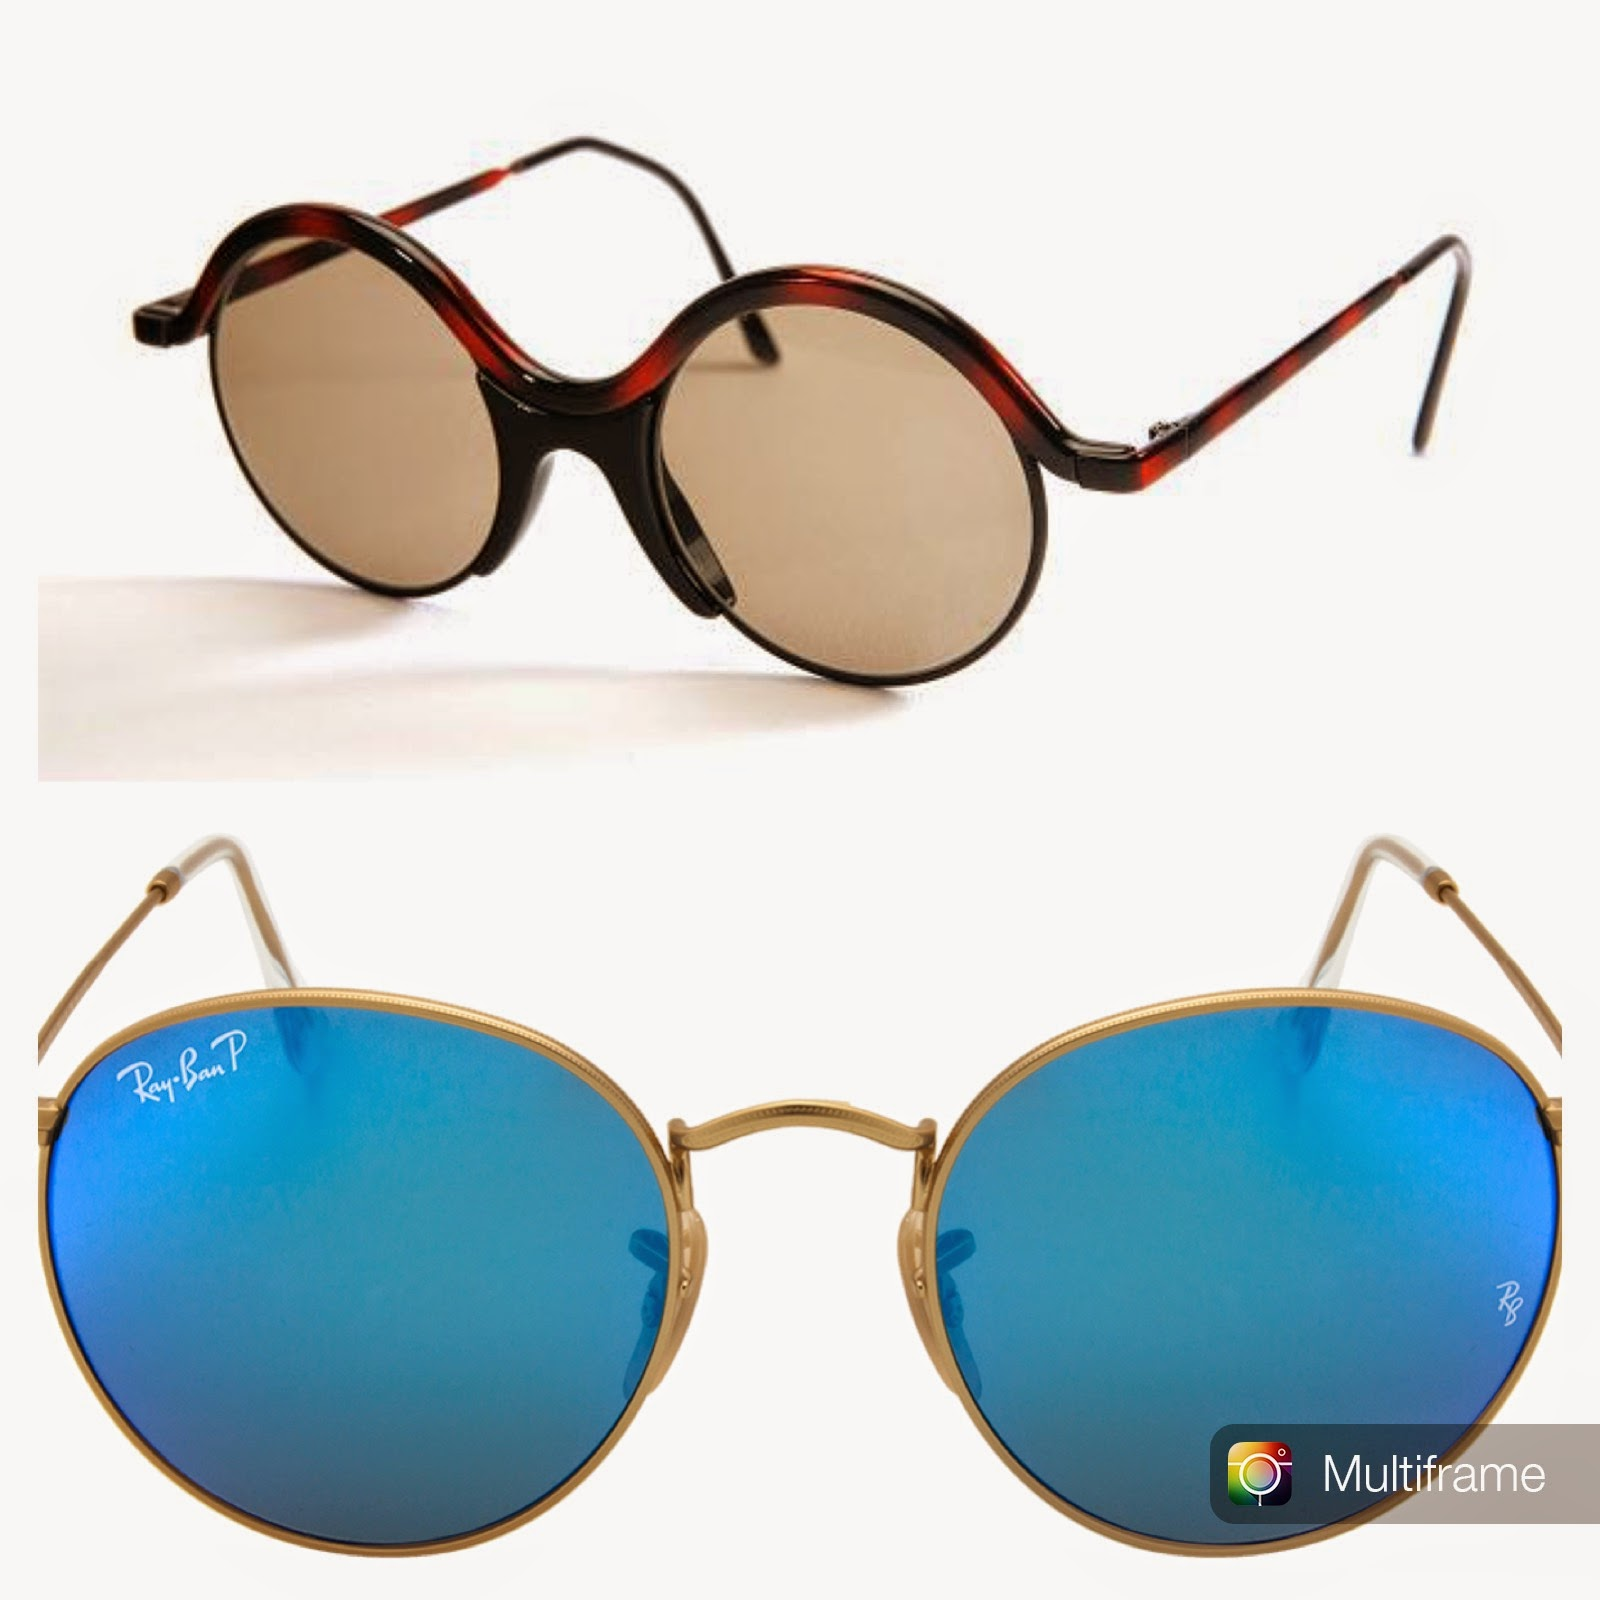 Óculos espelhados  Foram moda na década de 80, principalmente entre  surfistas e foram considerados cafonas por longos anos, contudo, estão em  alta há uns 2 ... a59f765814